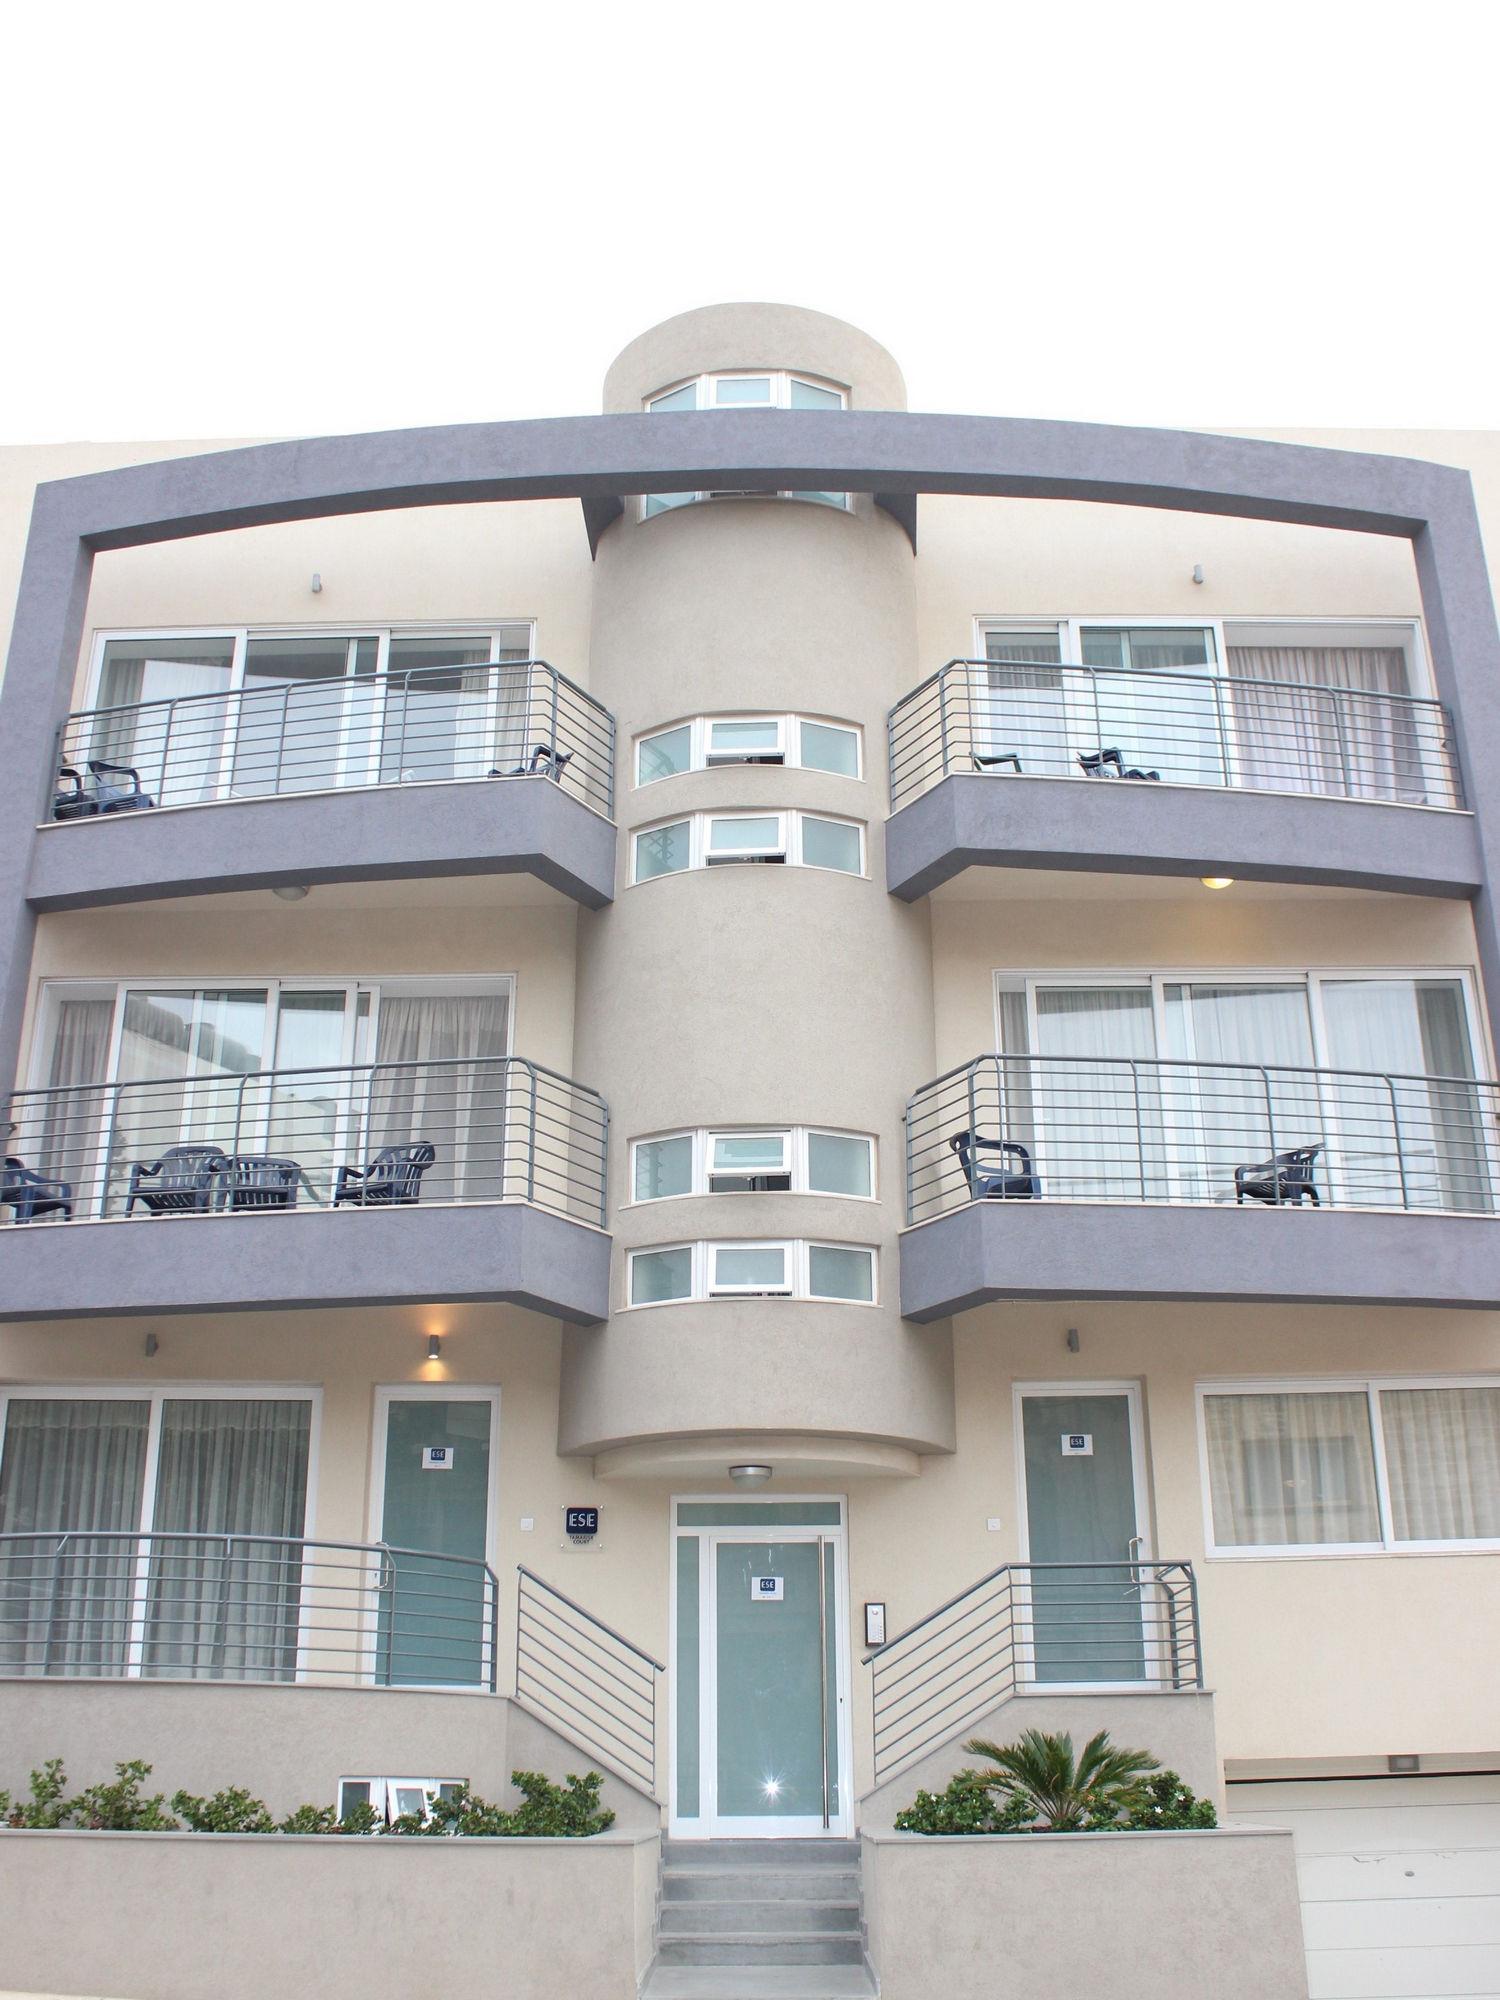 ESE School, appartamenti-edificio